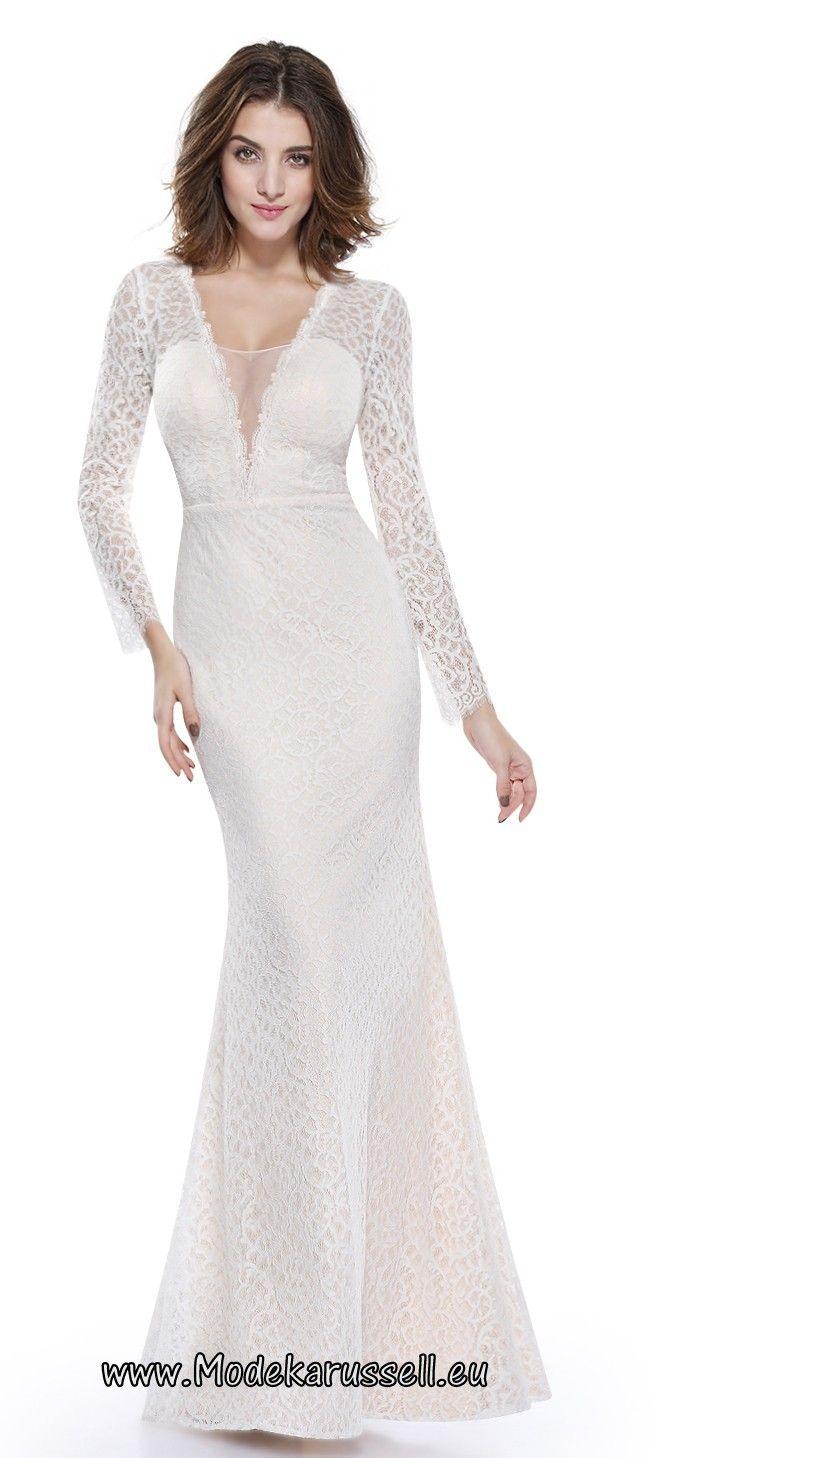 20 Fantastisch Abendkleider In Weiß ÄrmelDesigner Erstaunlich Abendkleider In Weiß Stylish